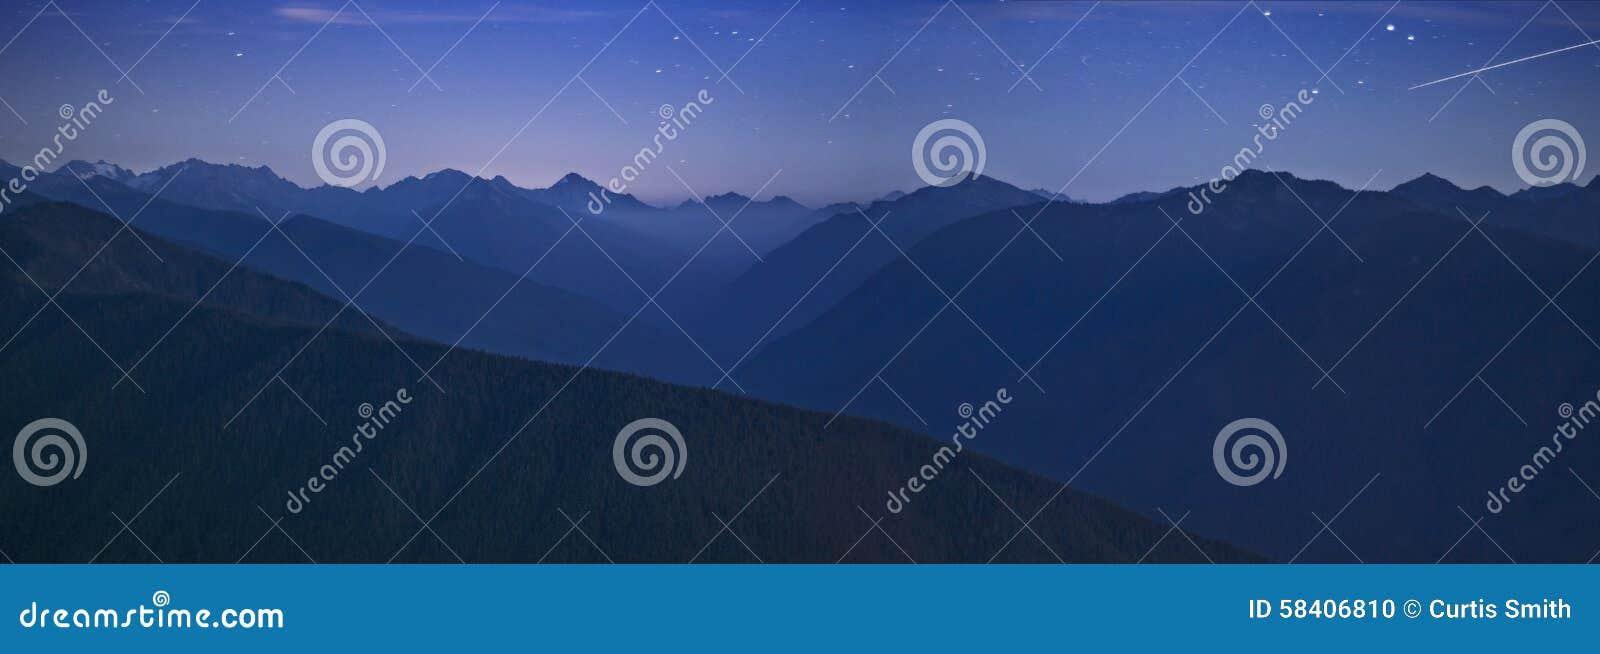 Небо nighttime и олимпийская горная цепь с звездой стрельбы